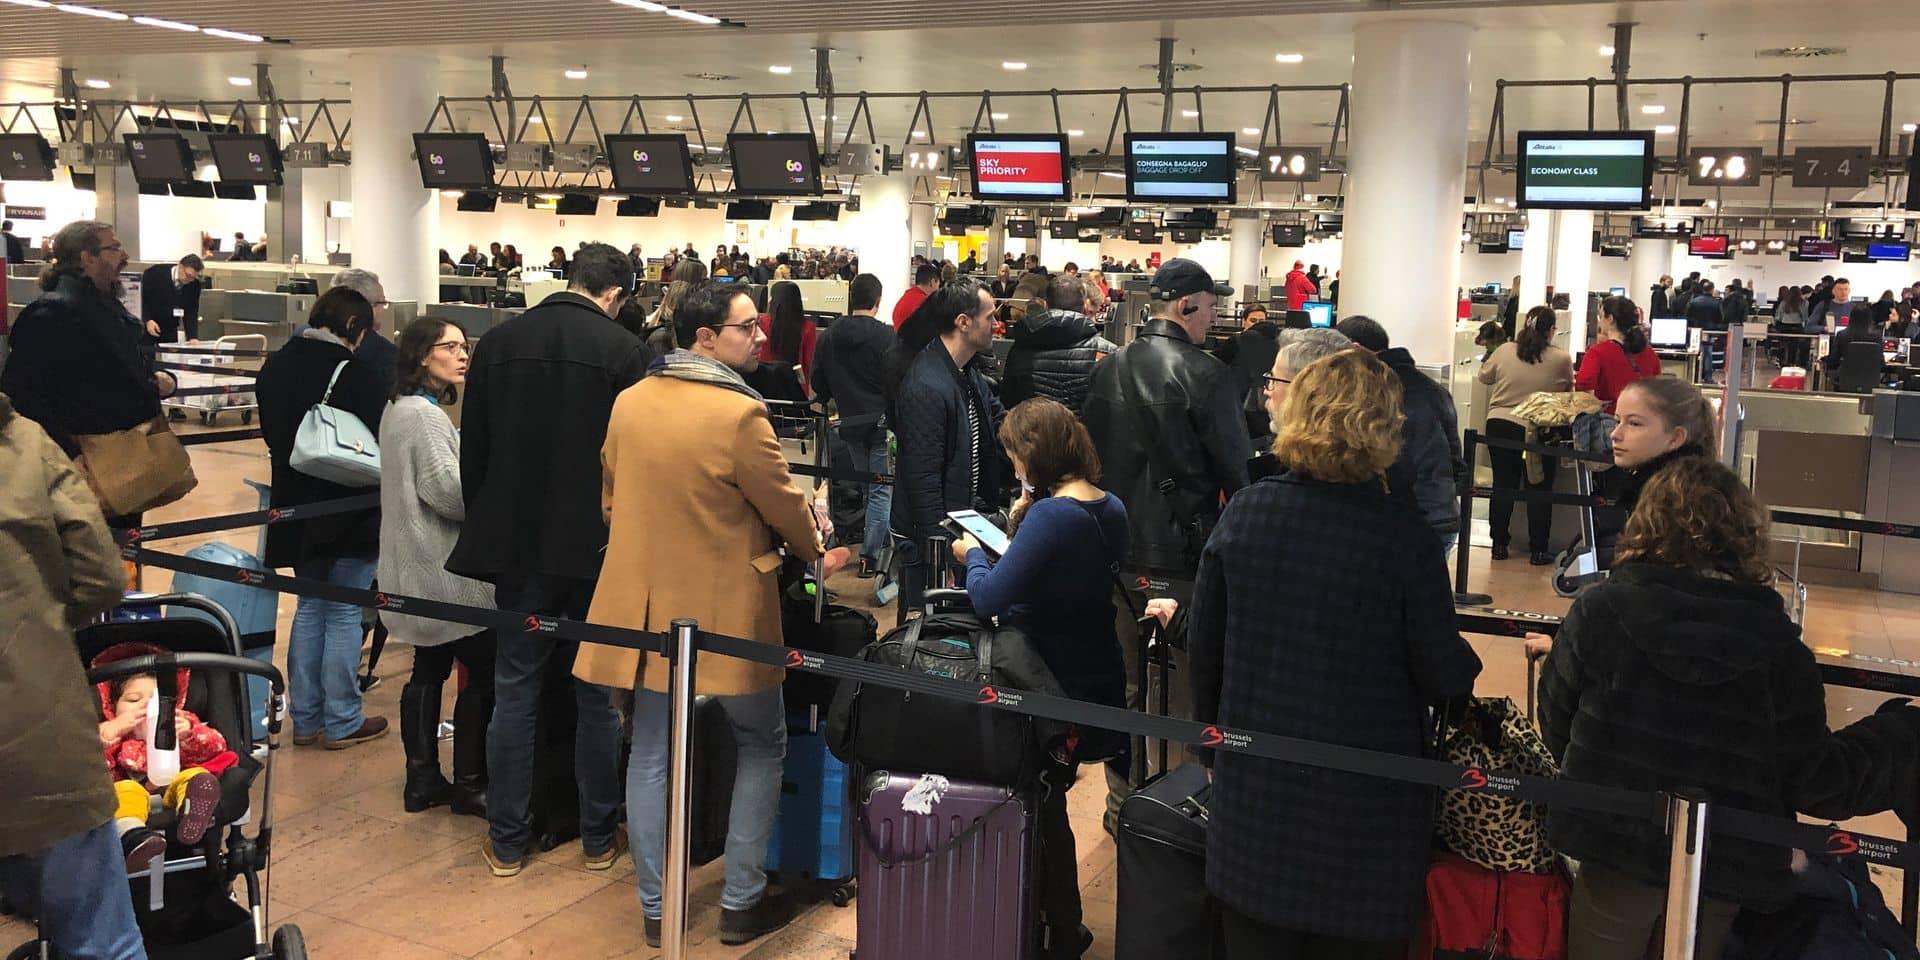 Près de 25,7 millions de passagers à Brussels Airport l'an dernier, un record historique